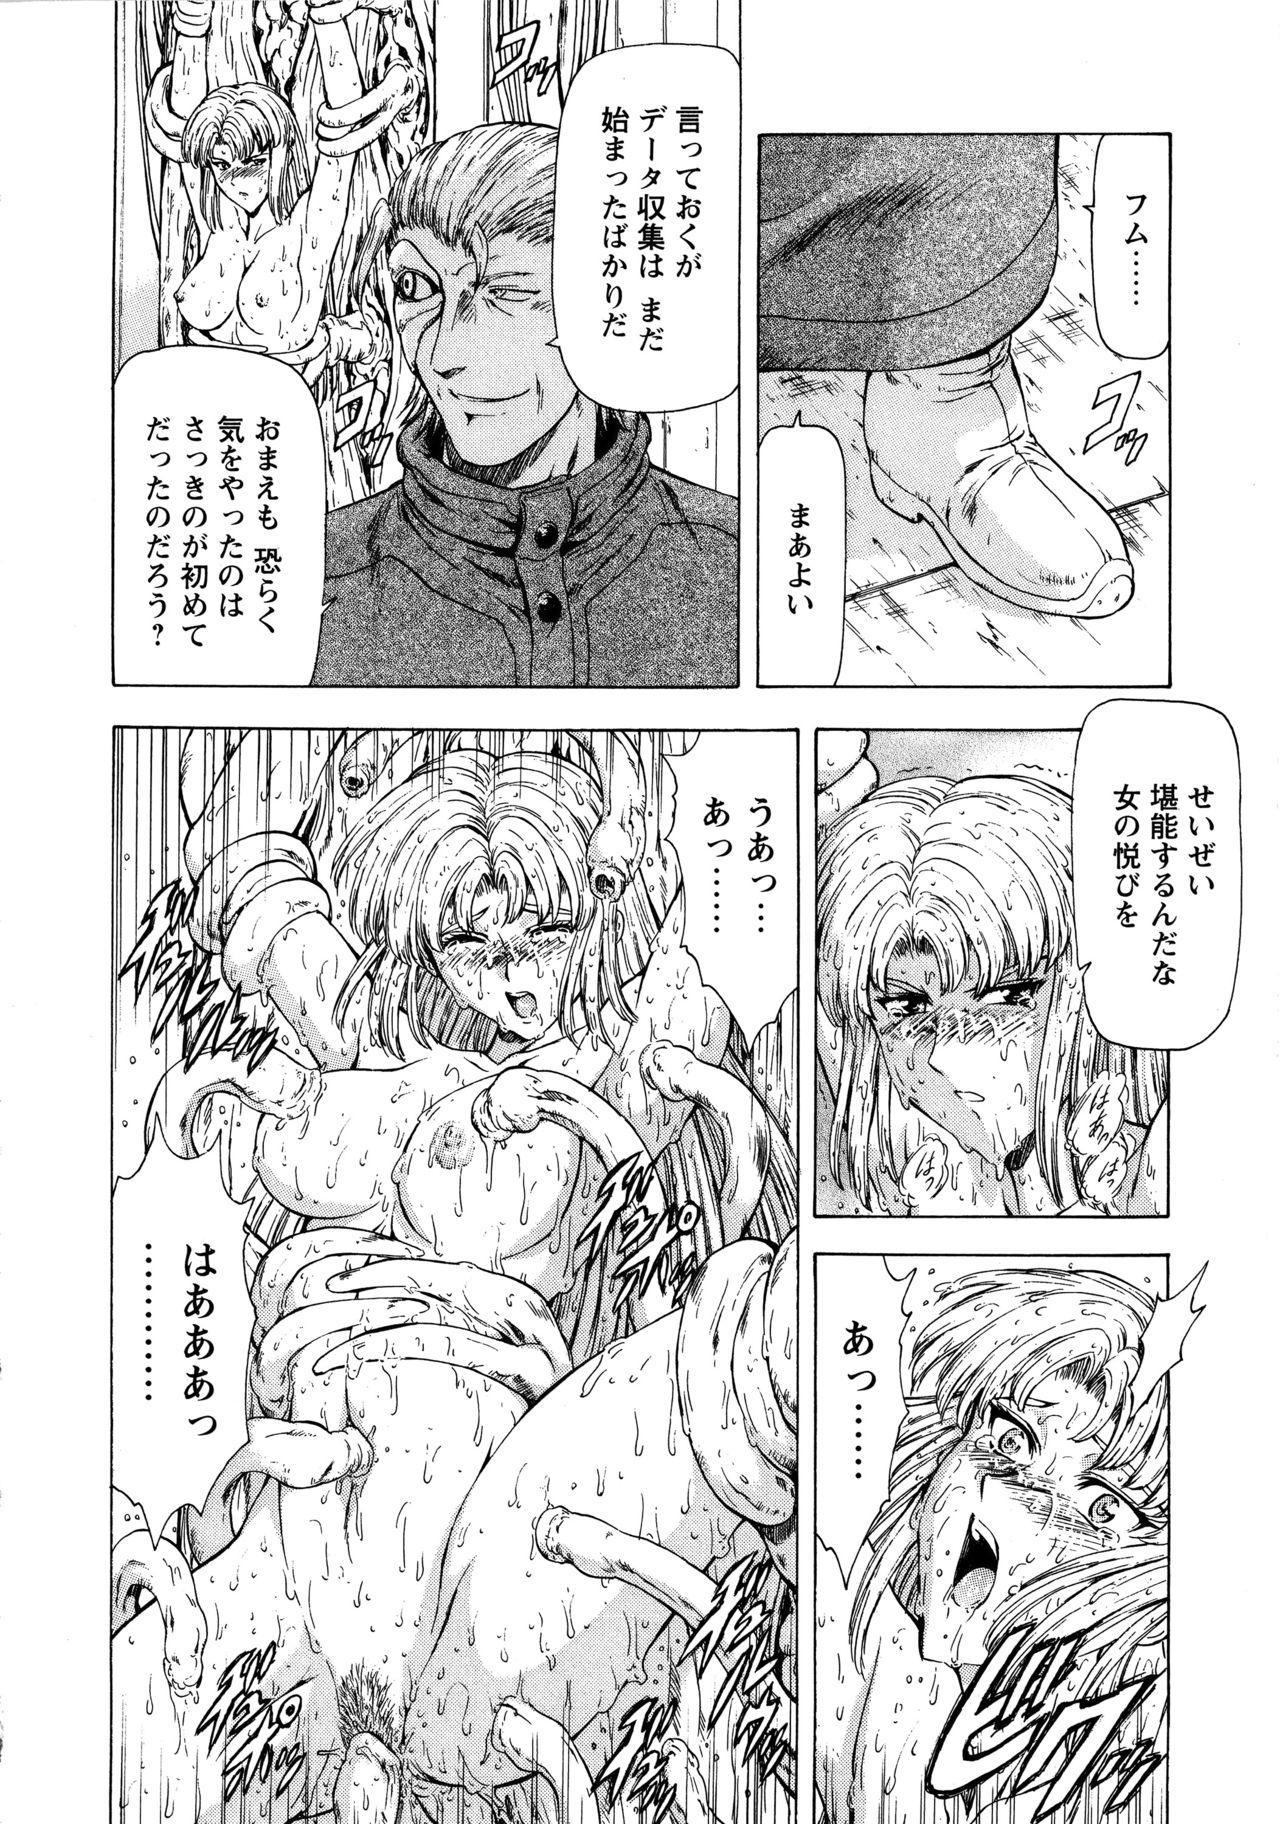 Ginryuu no Reimei Vol. 1 173